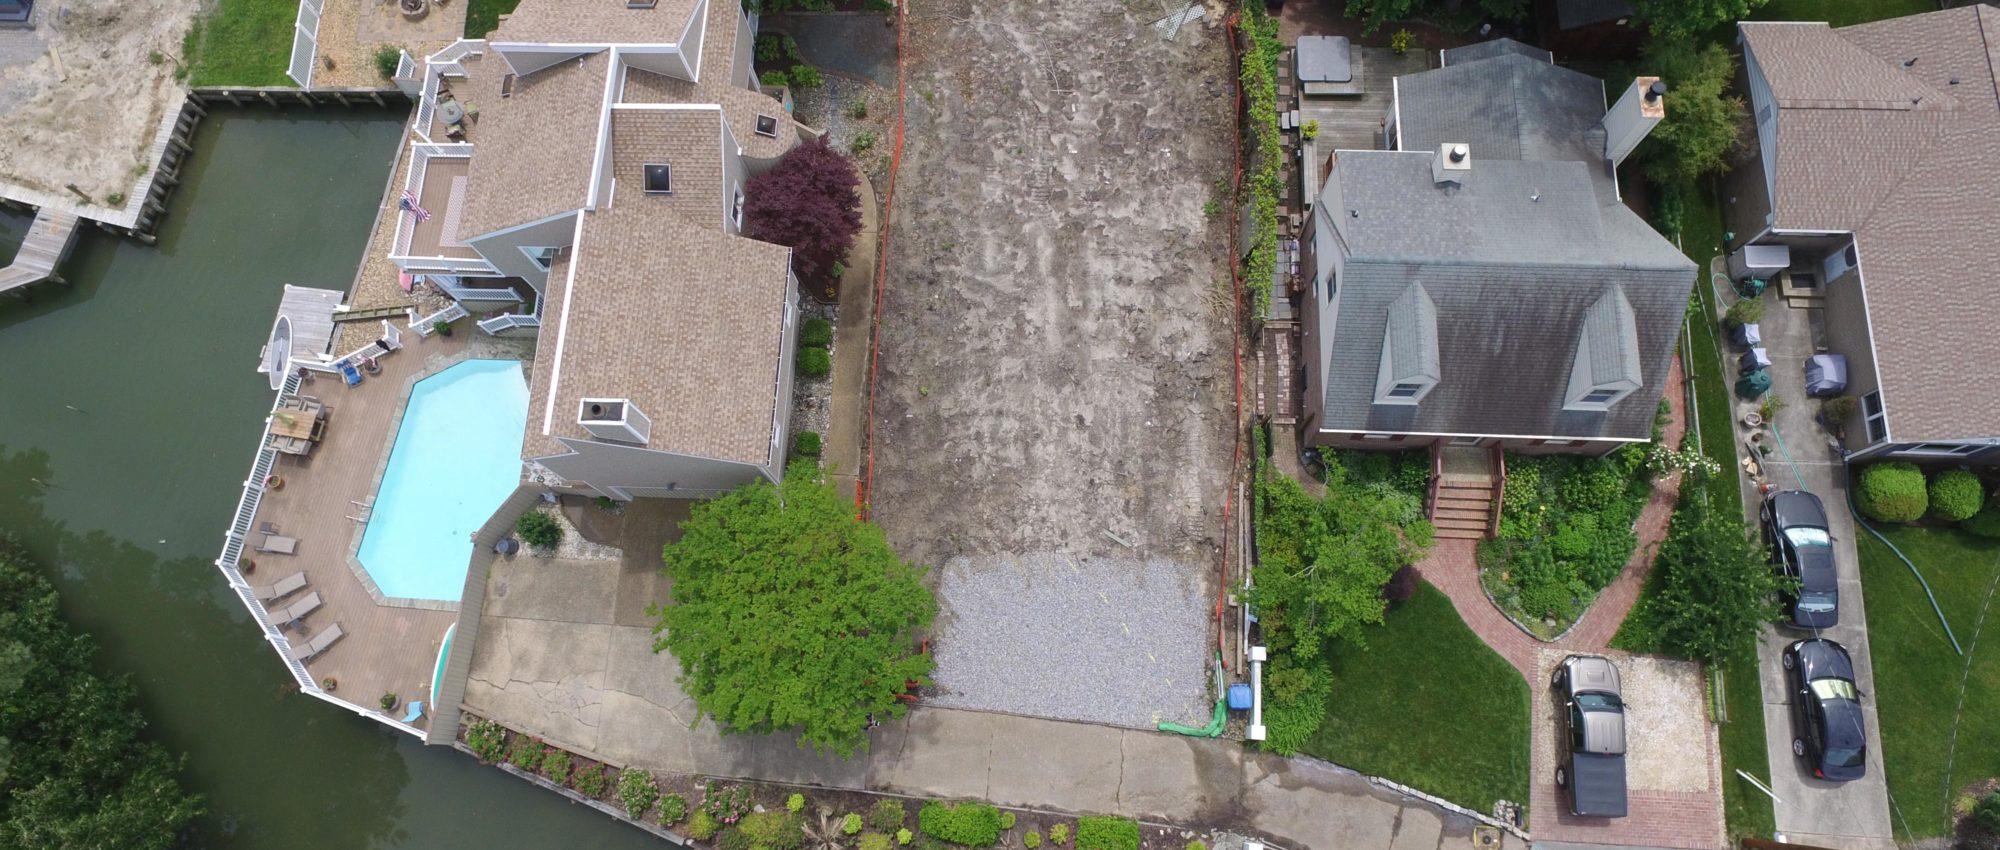 Lot B 700 Block Greensboro Avenue Land/Lot